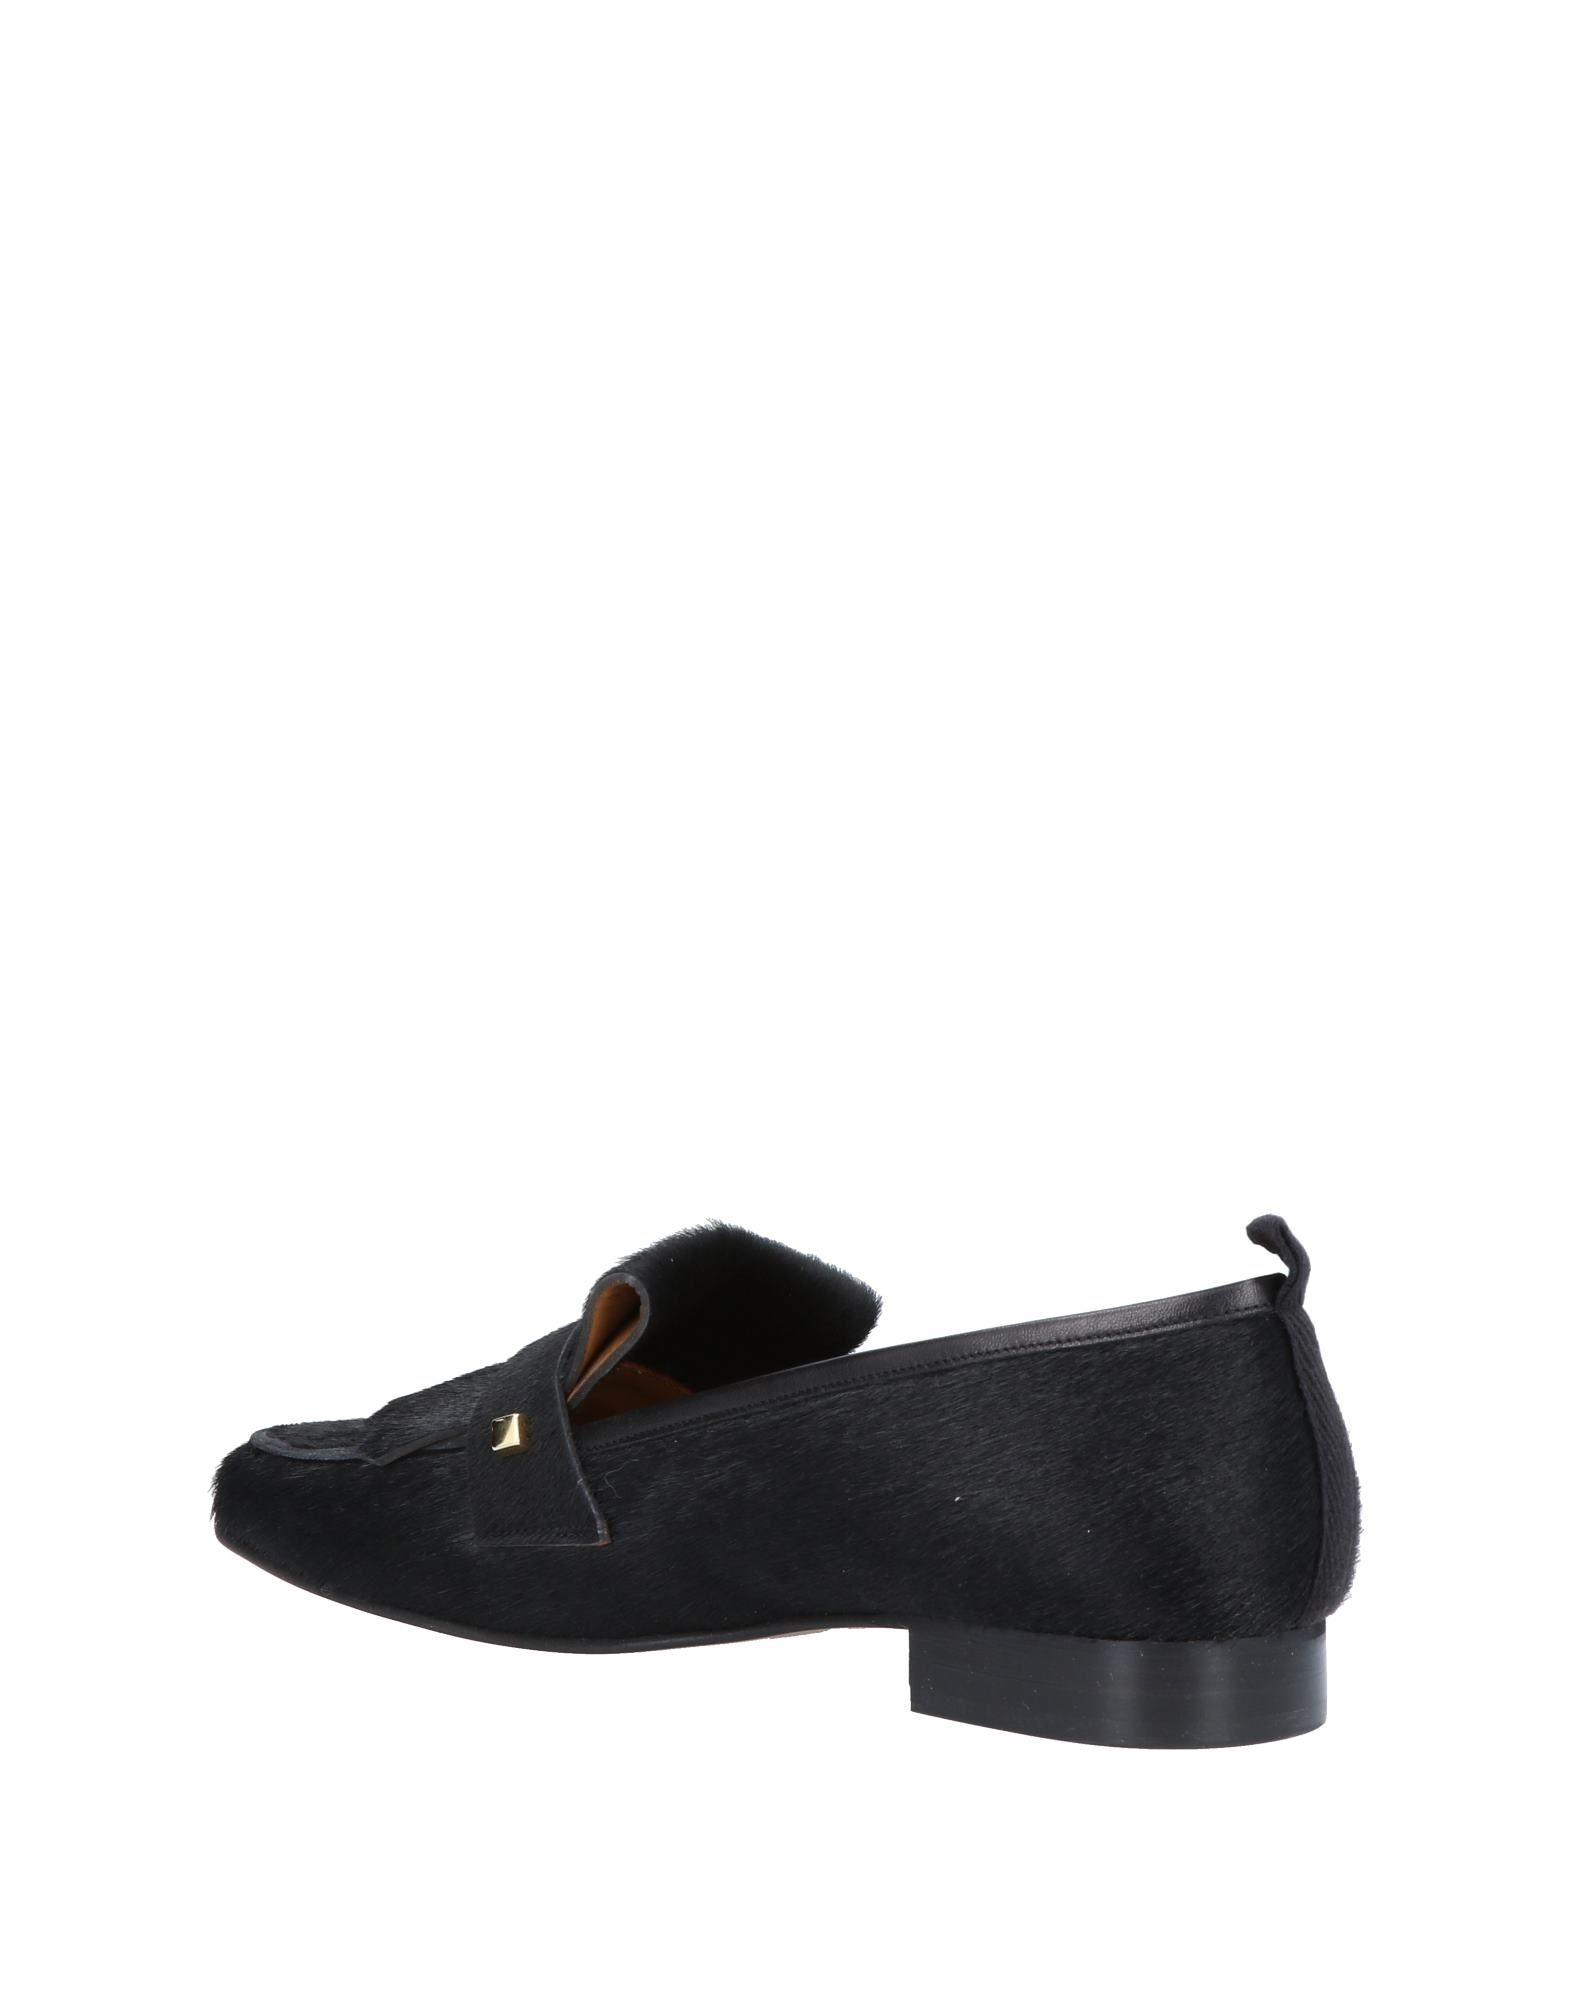 Intropia Mokassins Damen  Schuhe 11456151JP Gute Qualität beliebte Schuhe  cbefaf